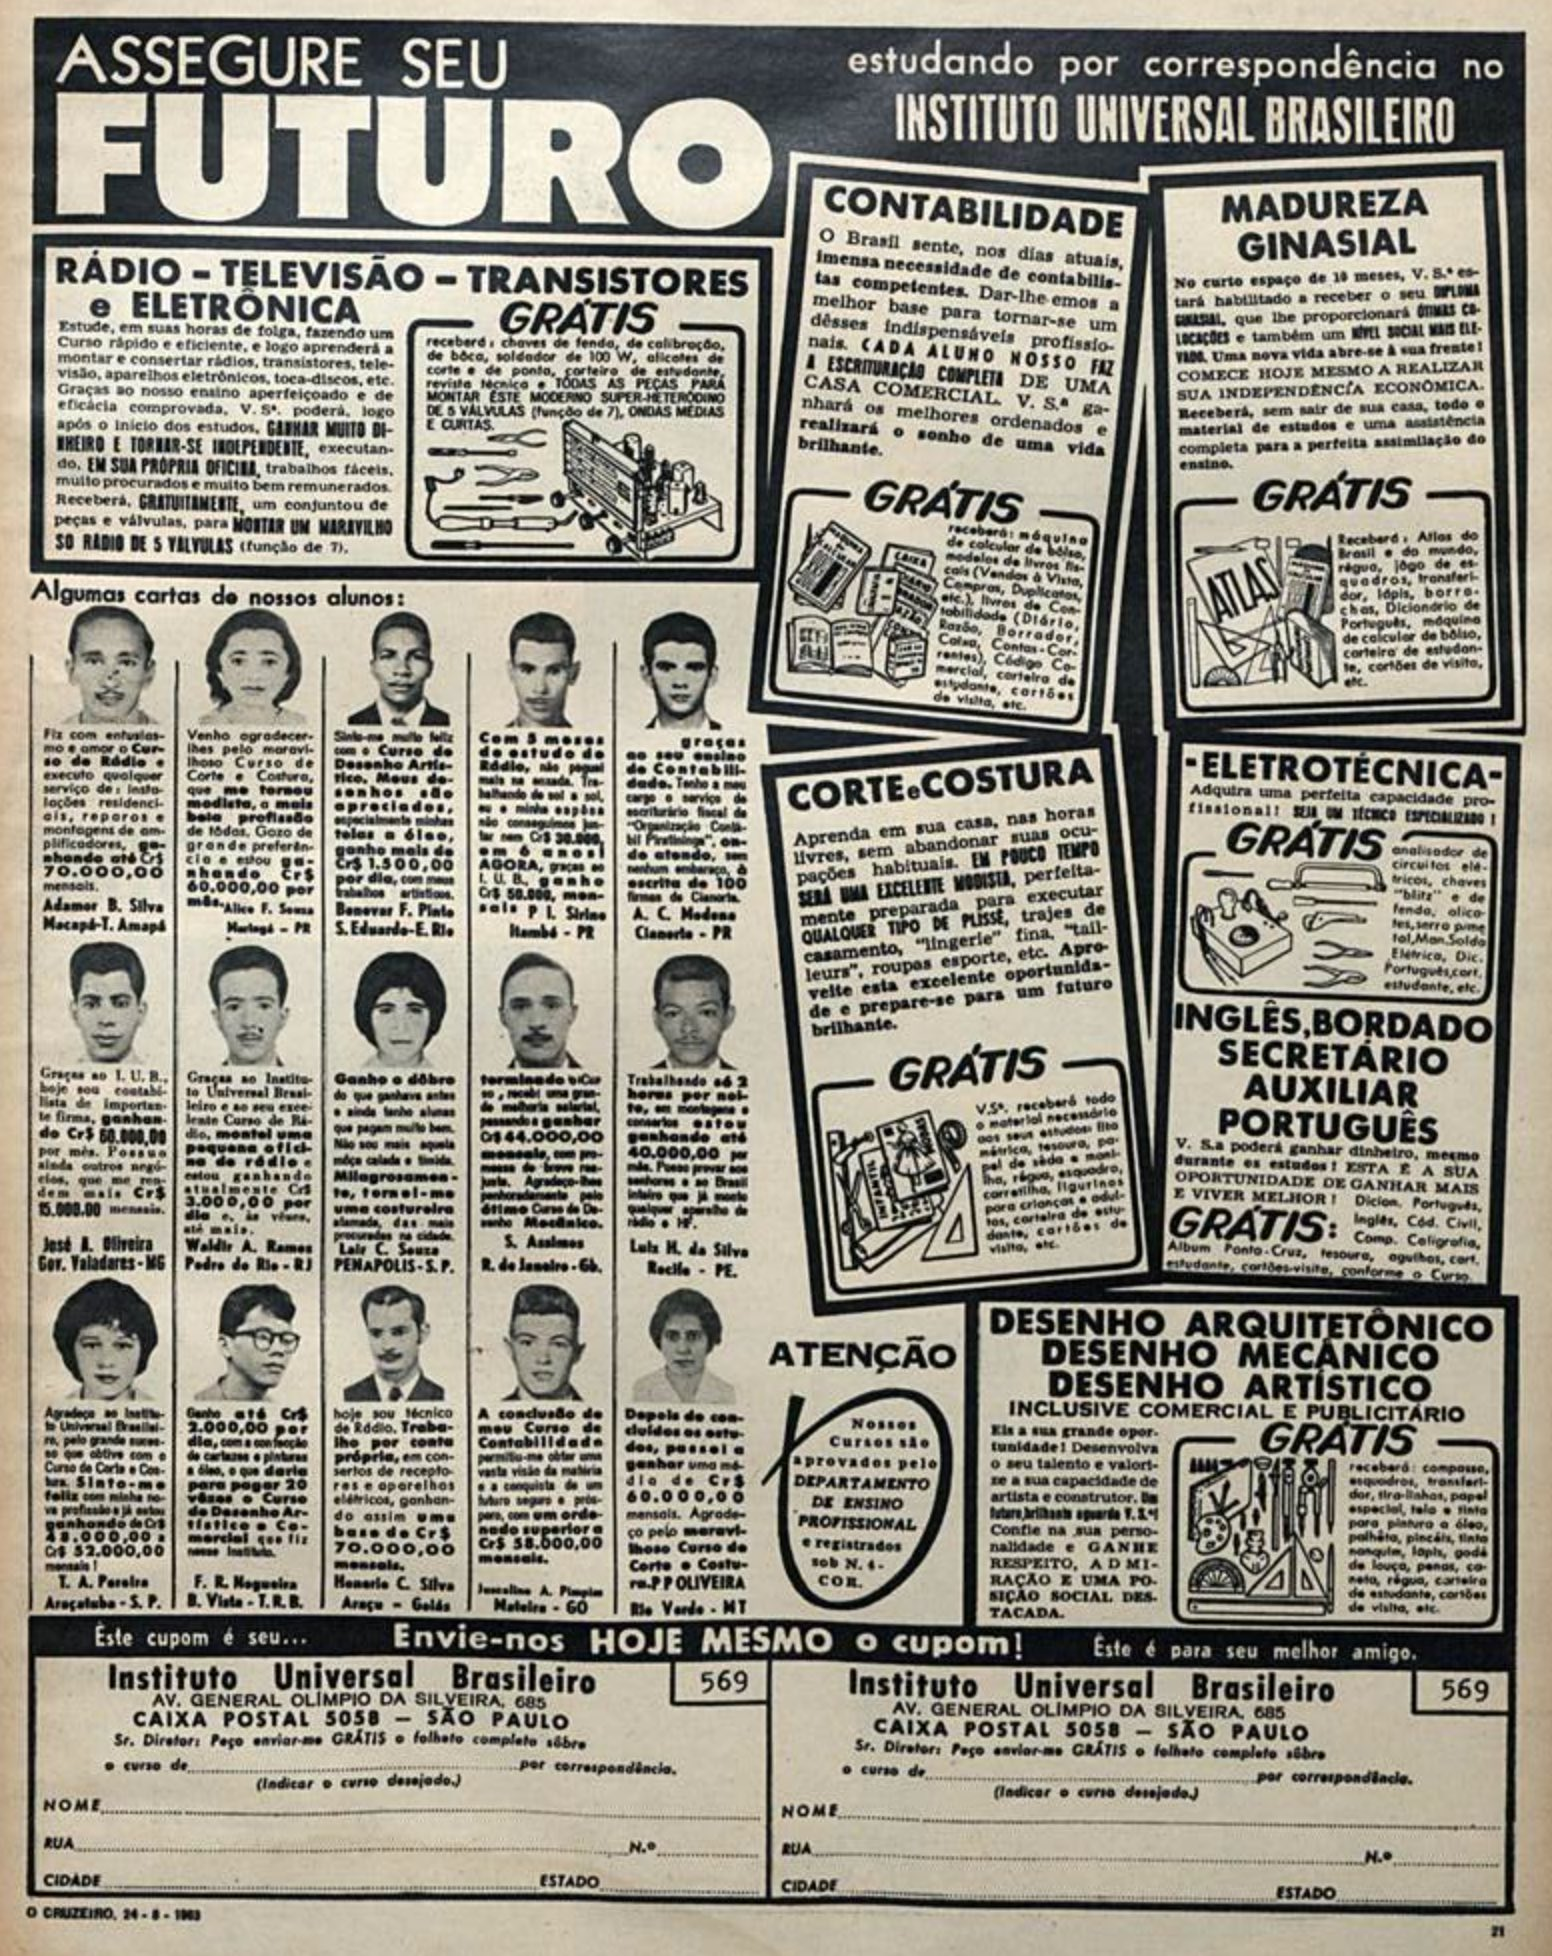 Anúncio com ofertas de cursos profissionalizantes do Instituto Universal Brasileiro em 1963